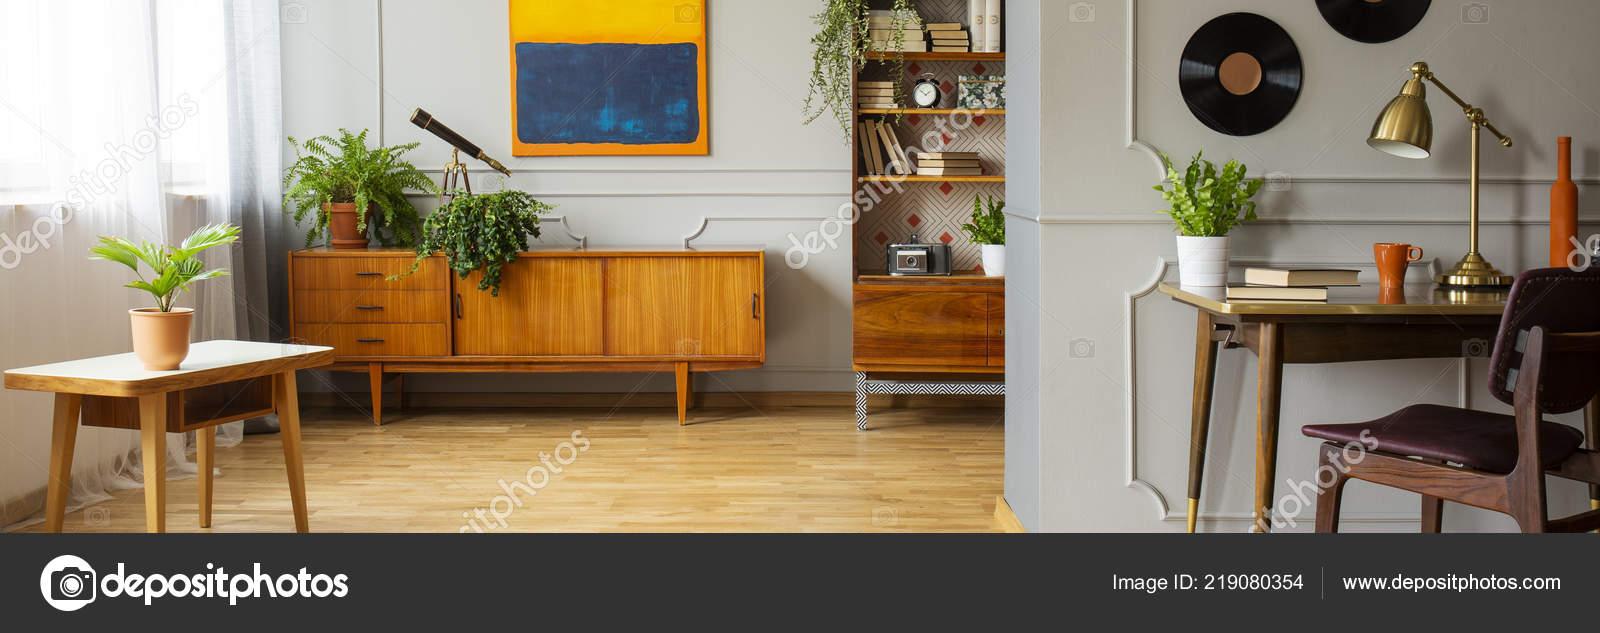 Gris Appartement Intérieur Chaise Lampe Plantes Bureau Avec Une dCexrBo